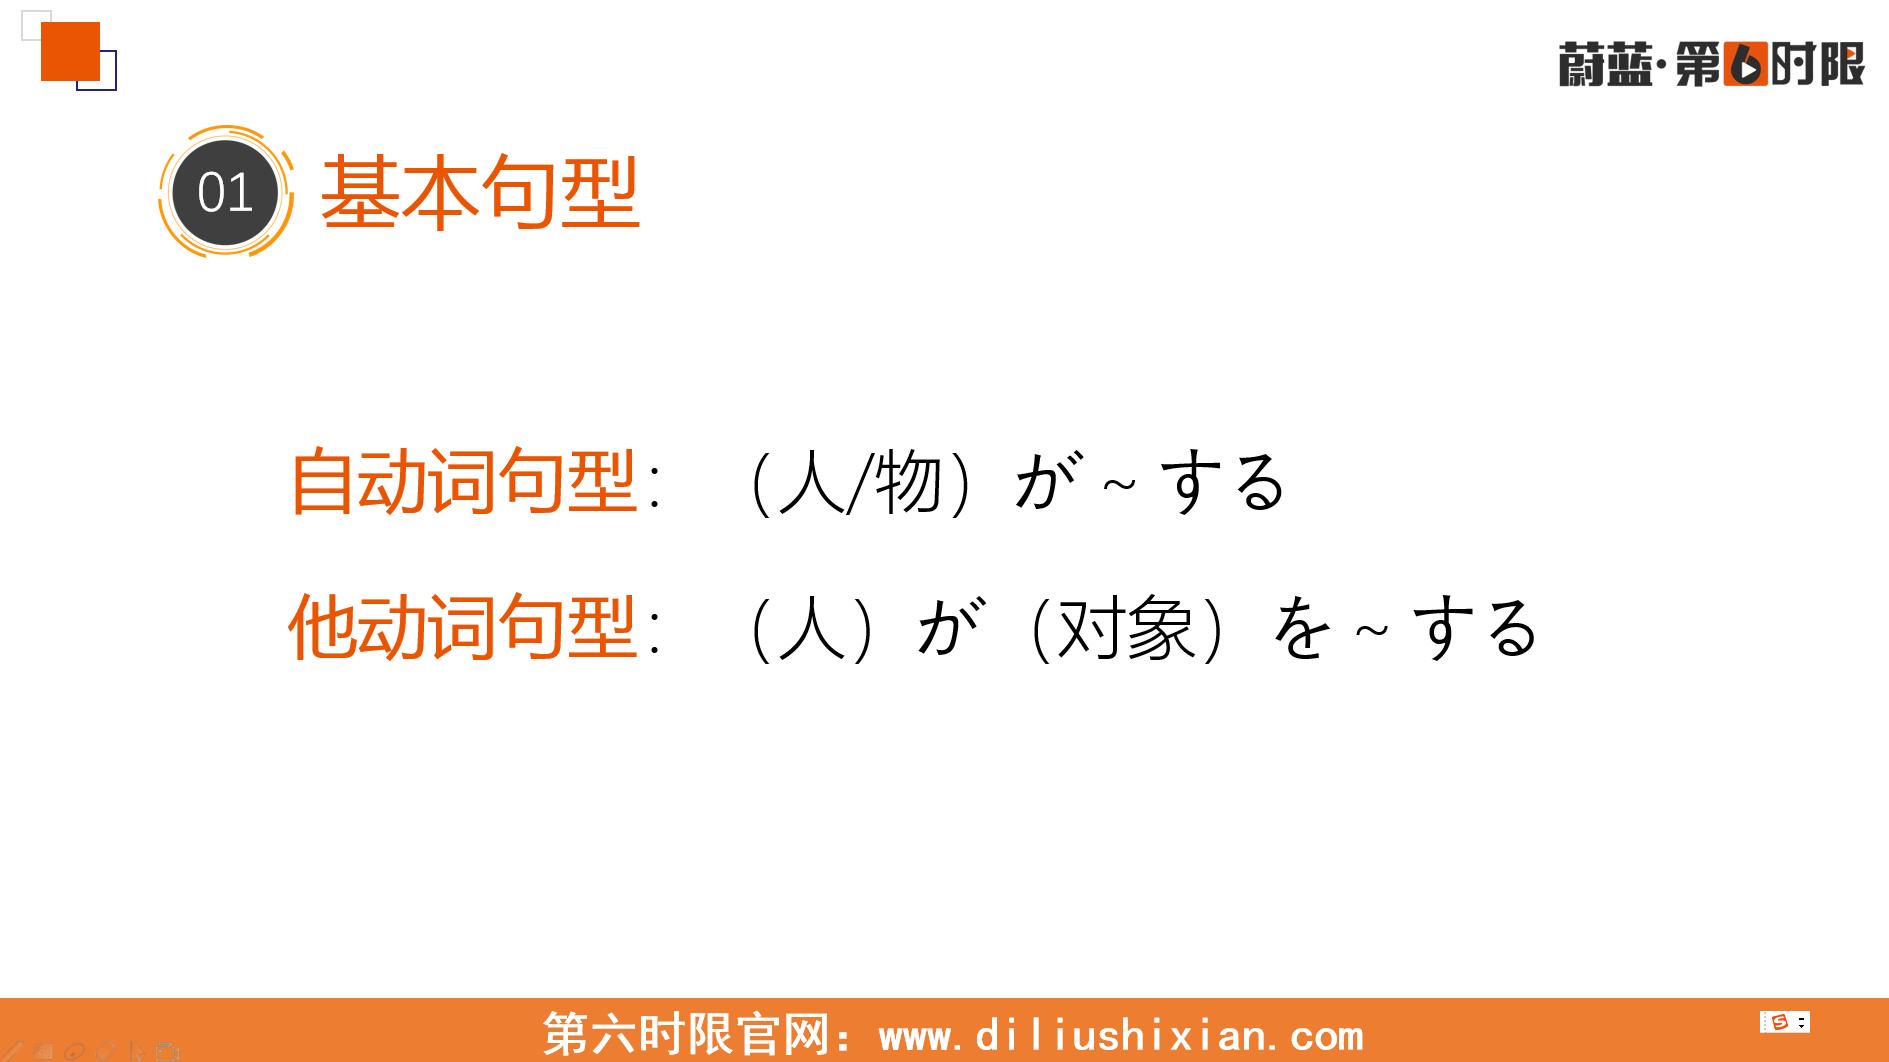 第六时限高考日语必考内容公开课完美结束